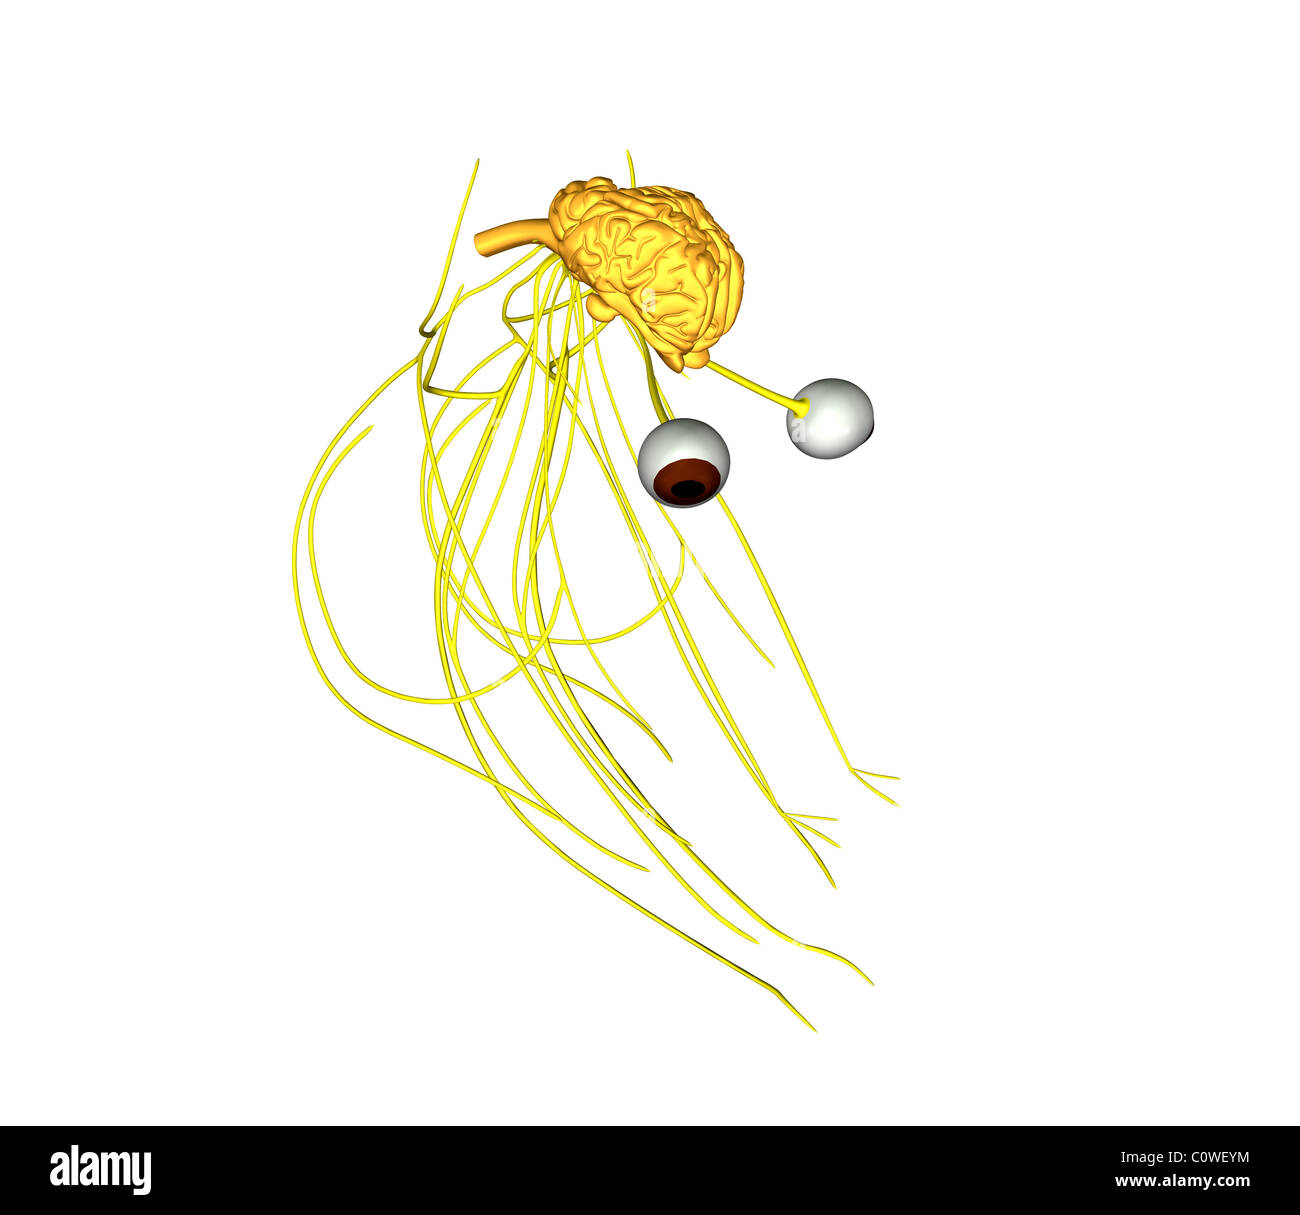 Anatomía del cerebro de vaca Foto & Imagen De Stock: 34981288 - Alamy